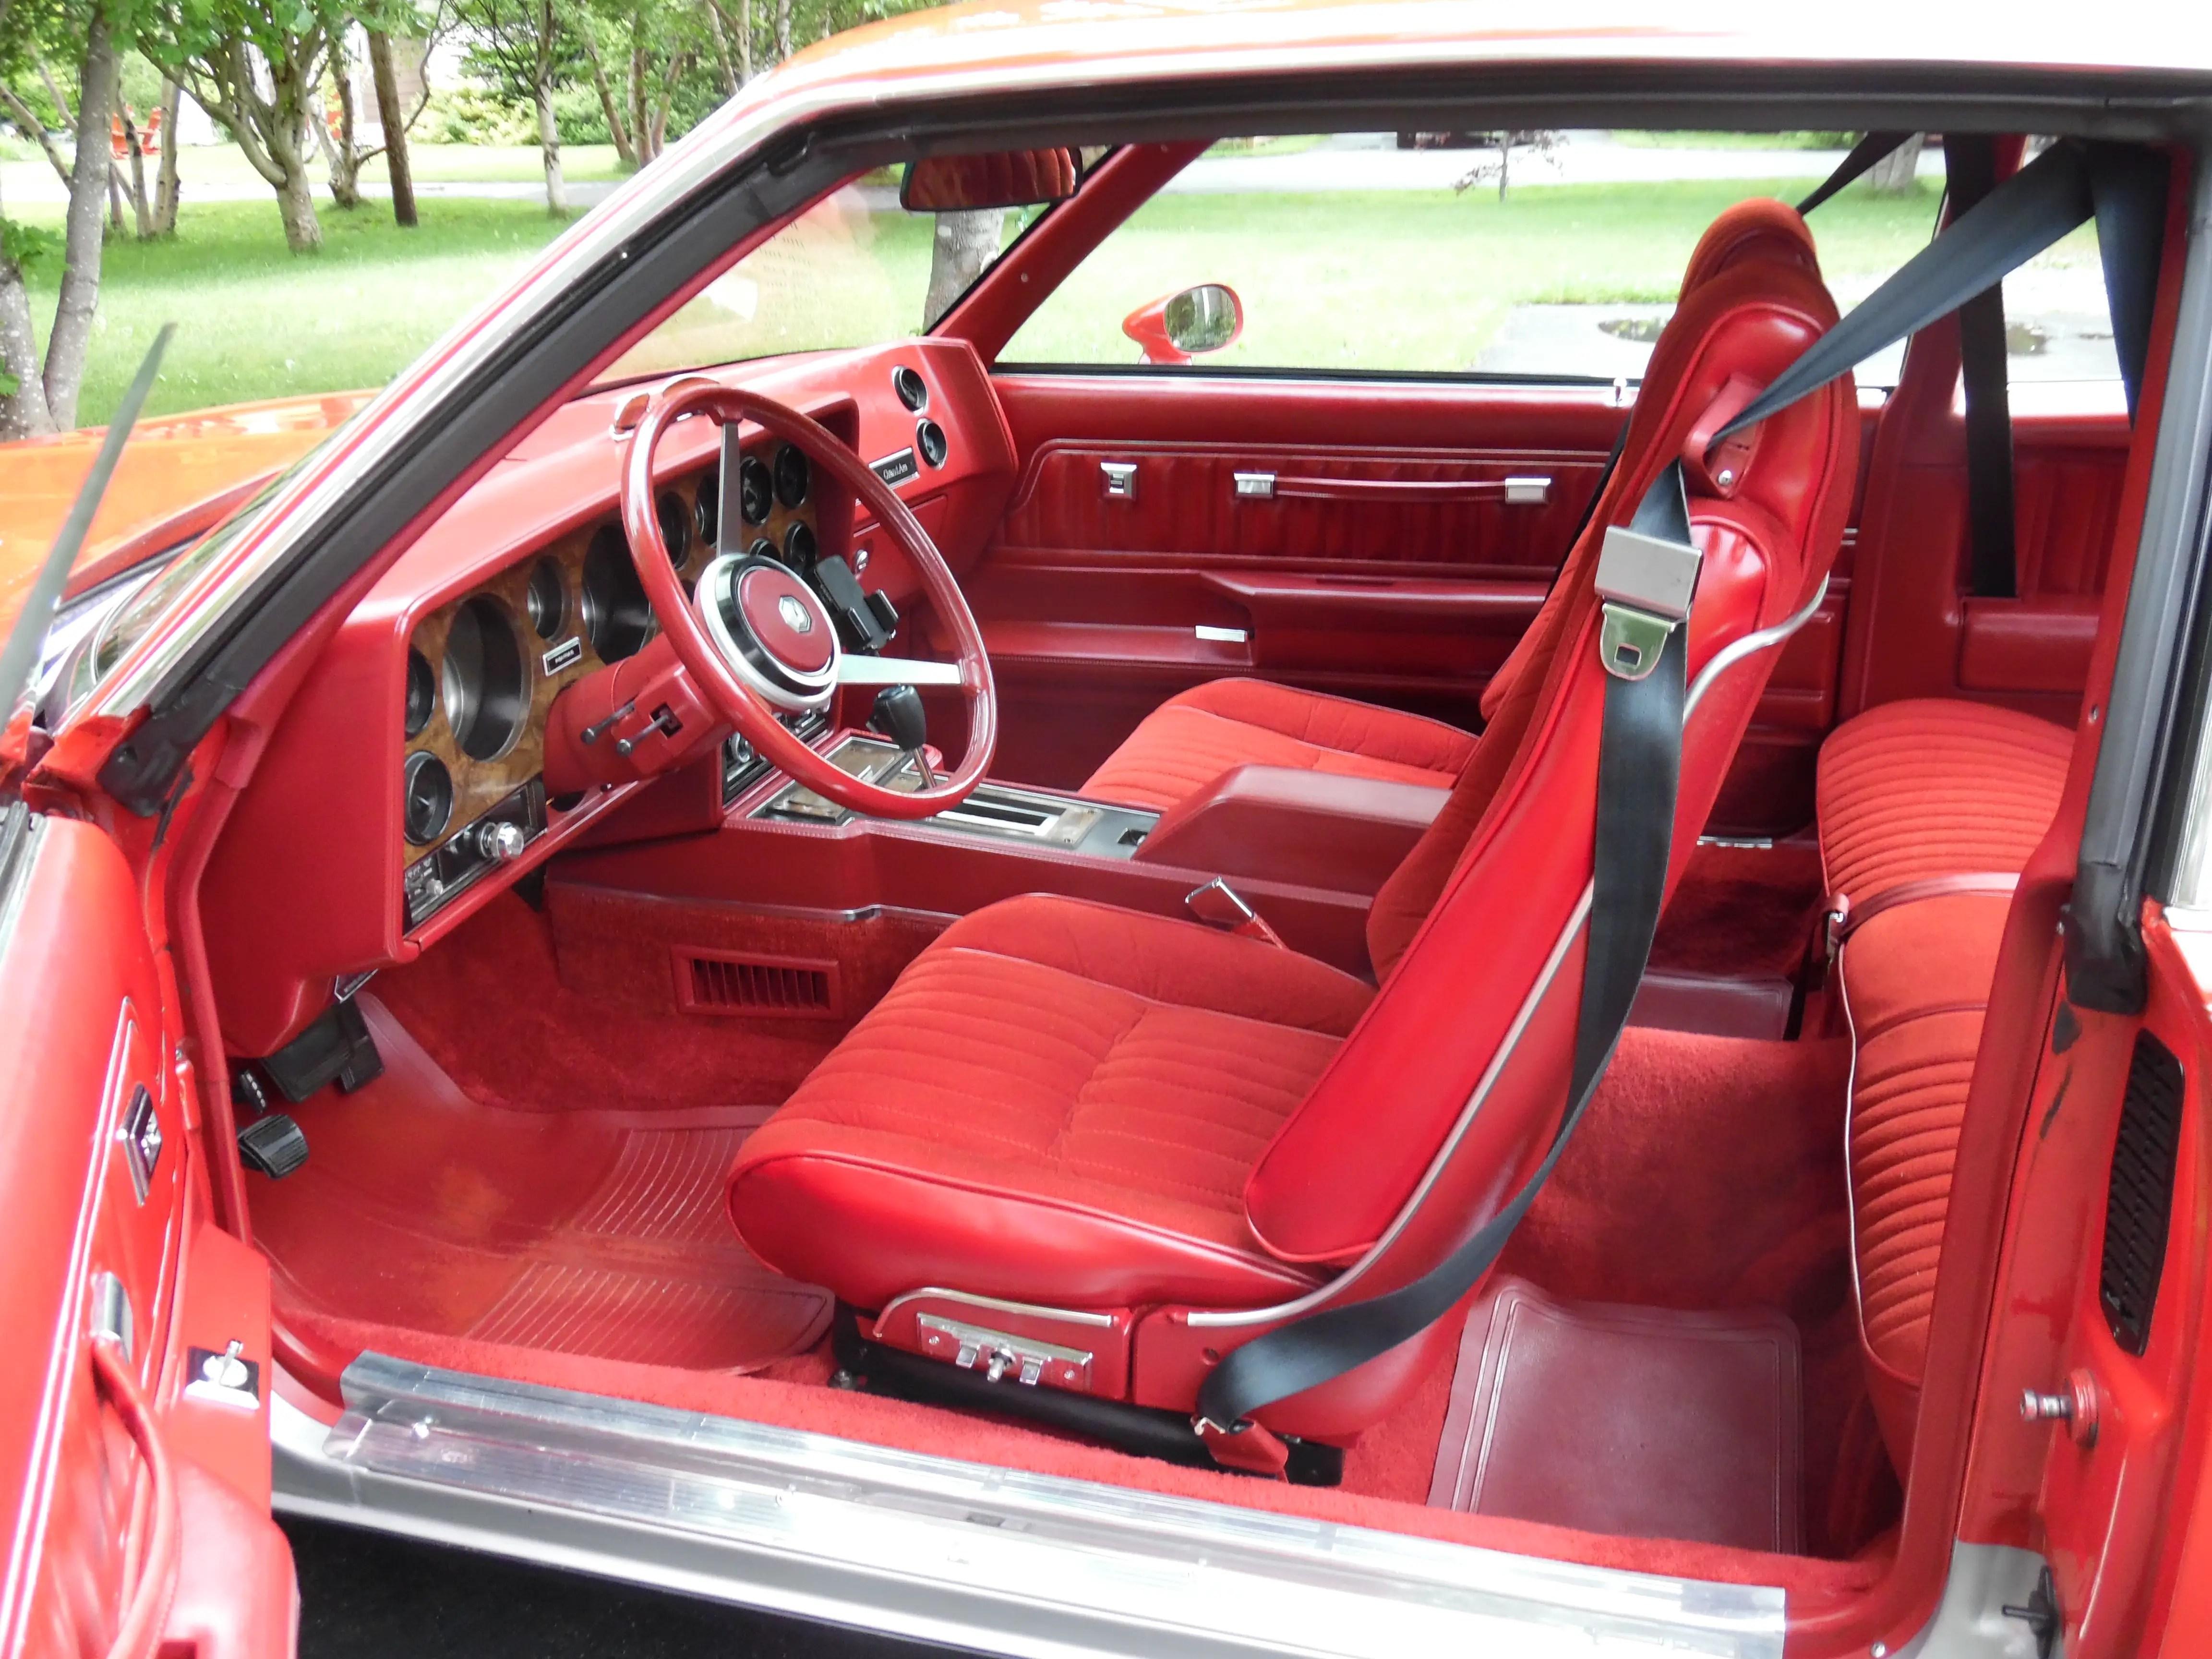 1978 Grand Am Seats Reupholstered GBodyForum 78 88